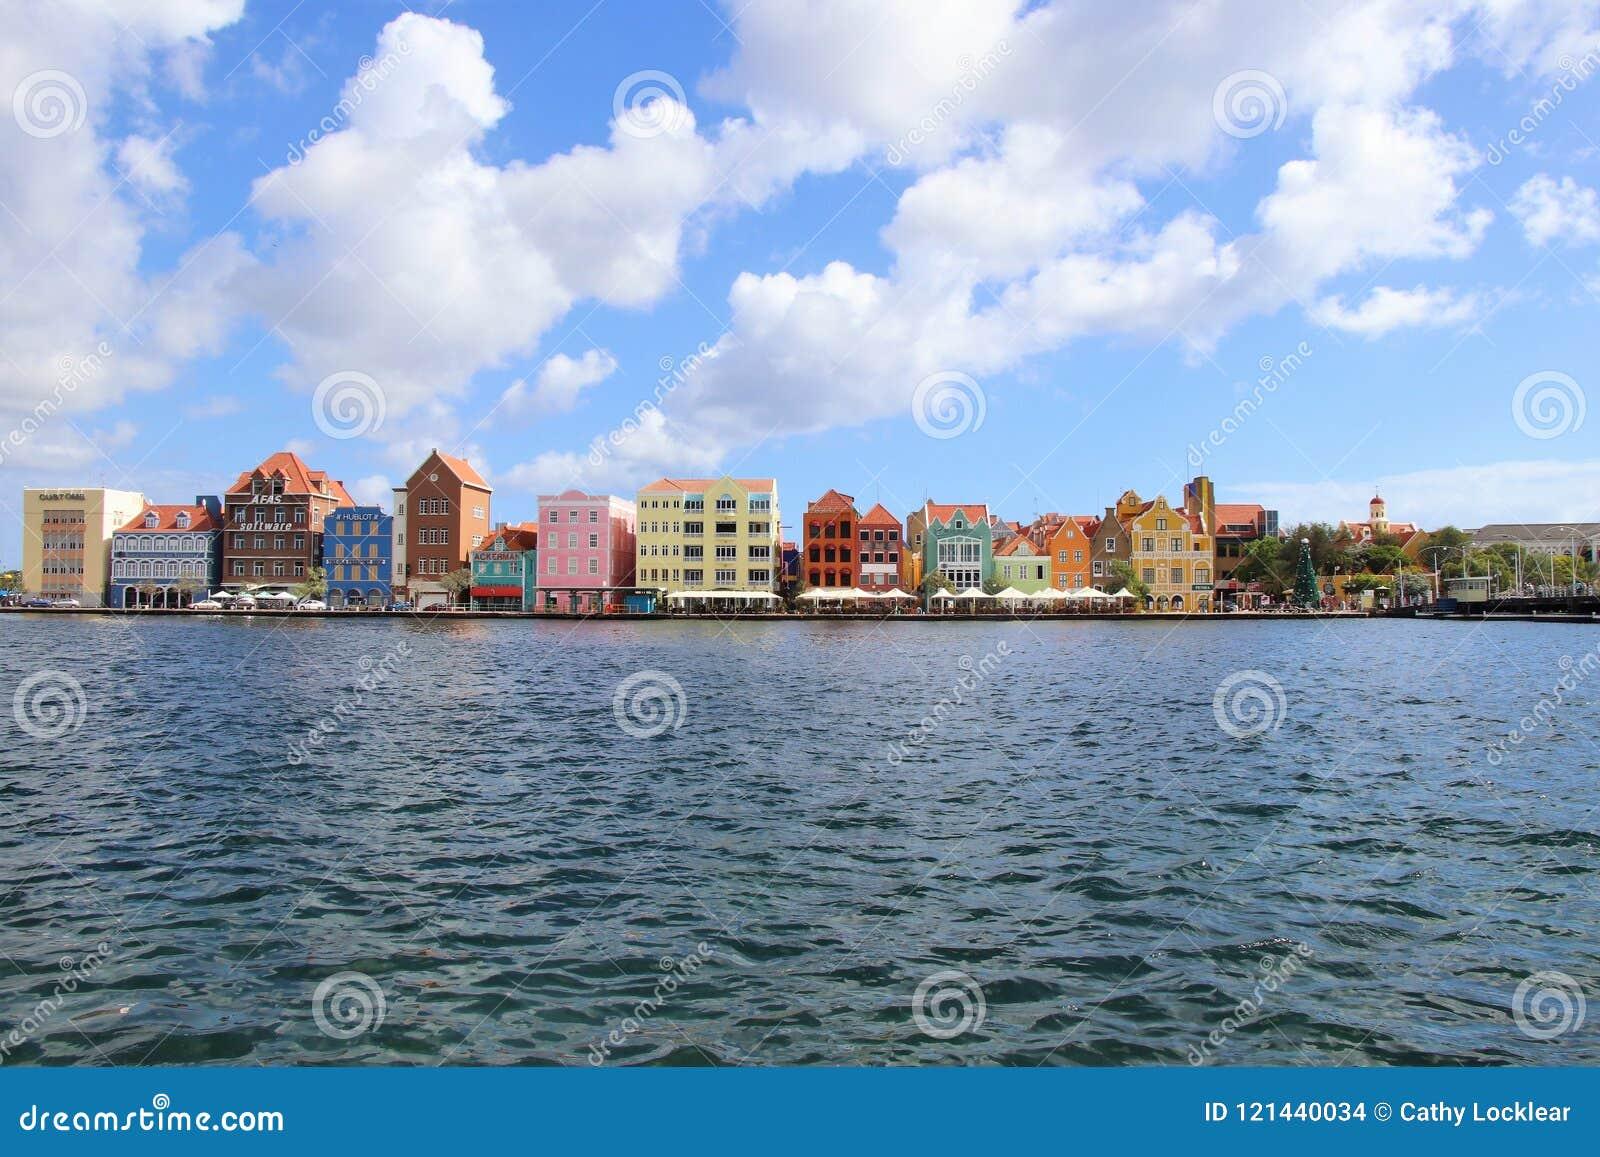 Willemstad, Curaçao - 12/17/17: Willemstad céntrico colorido, Curaçao, en el Netherland Antillas